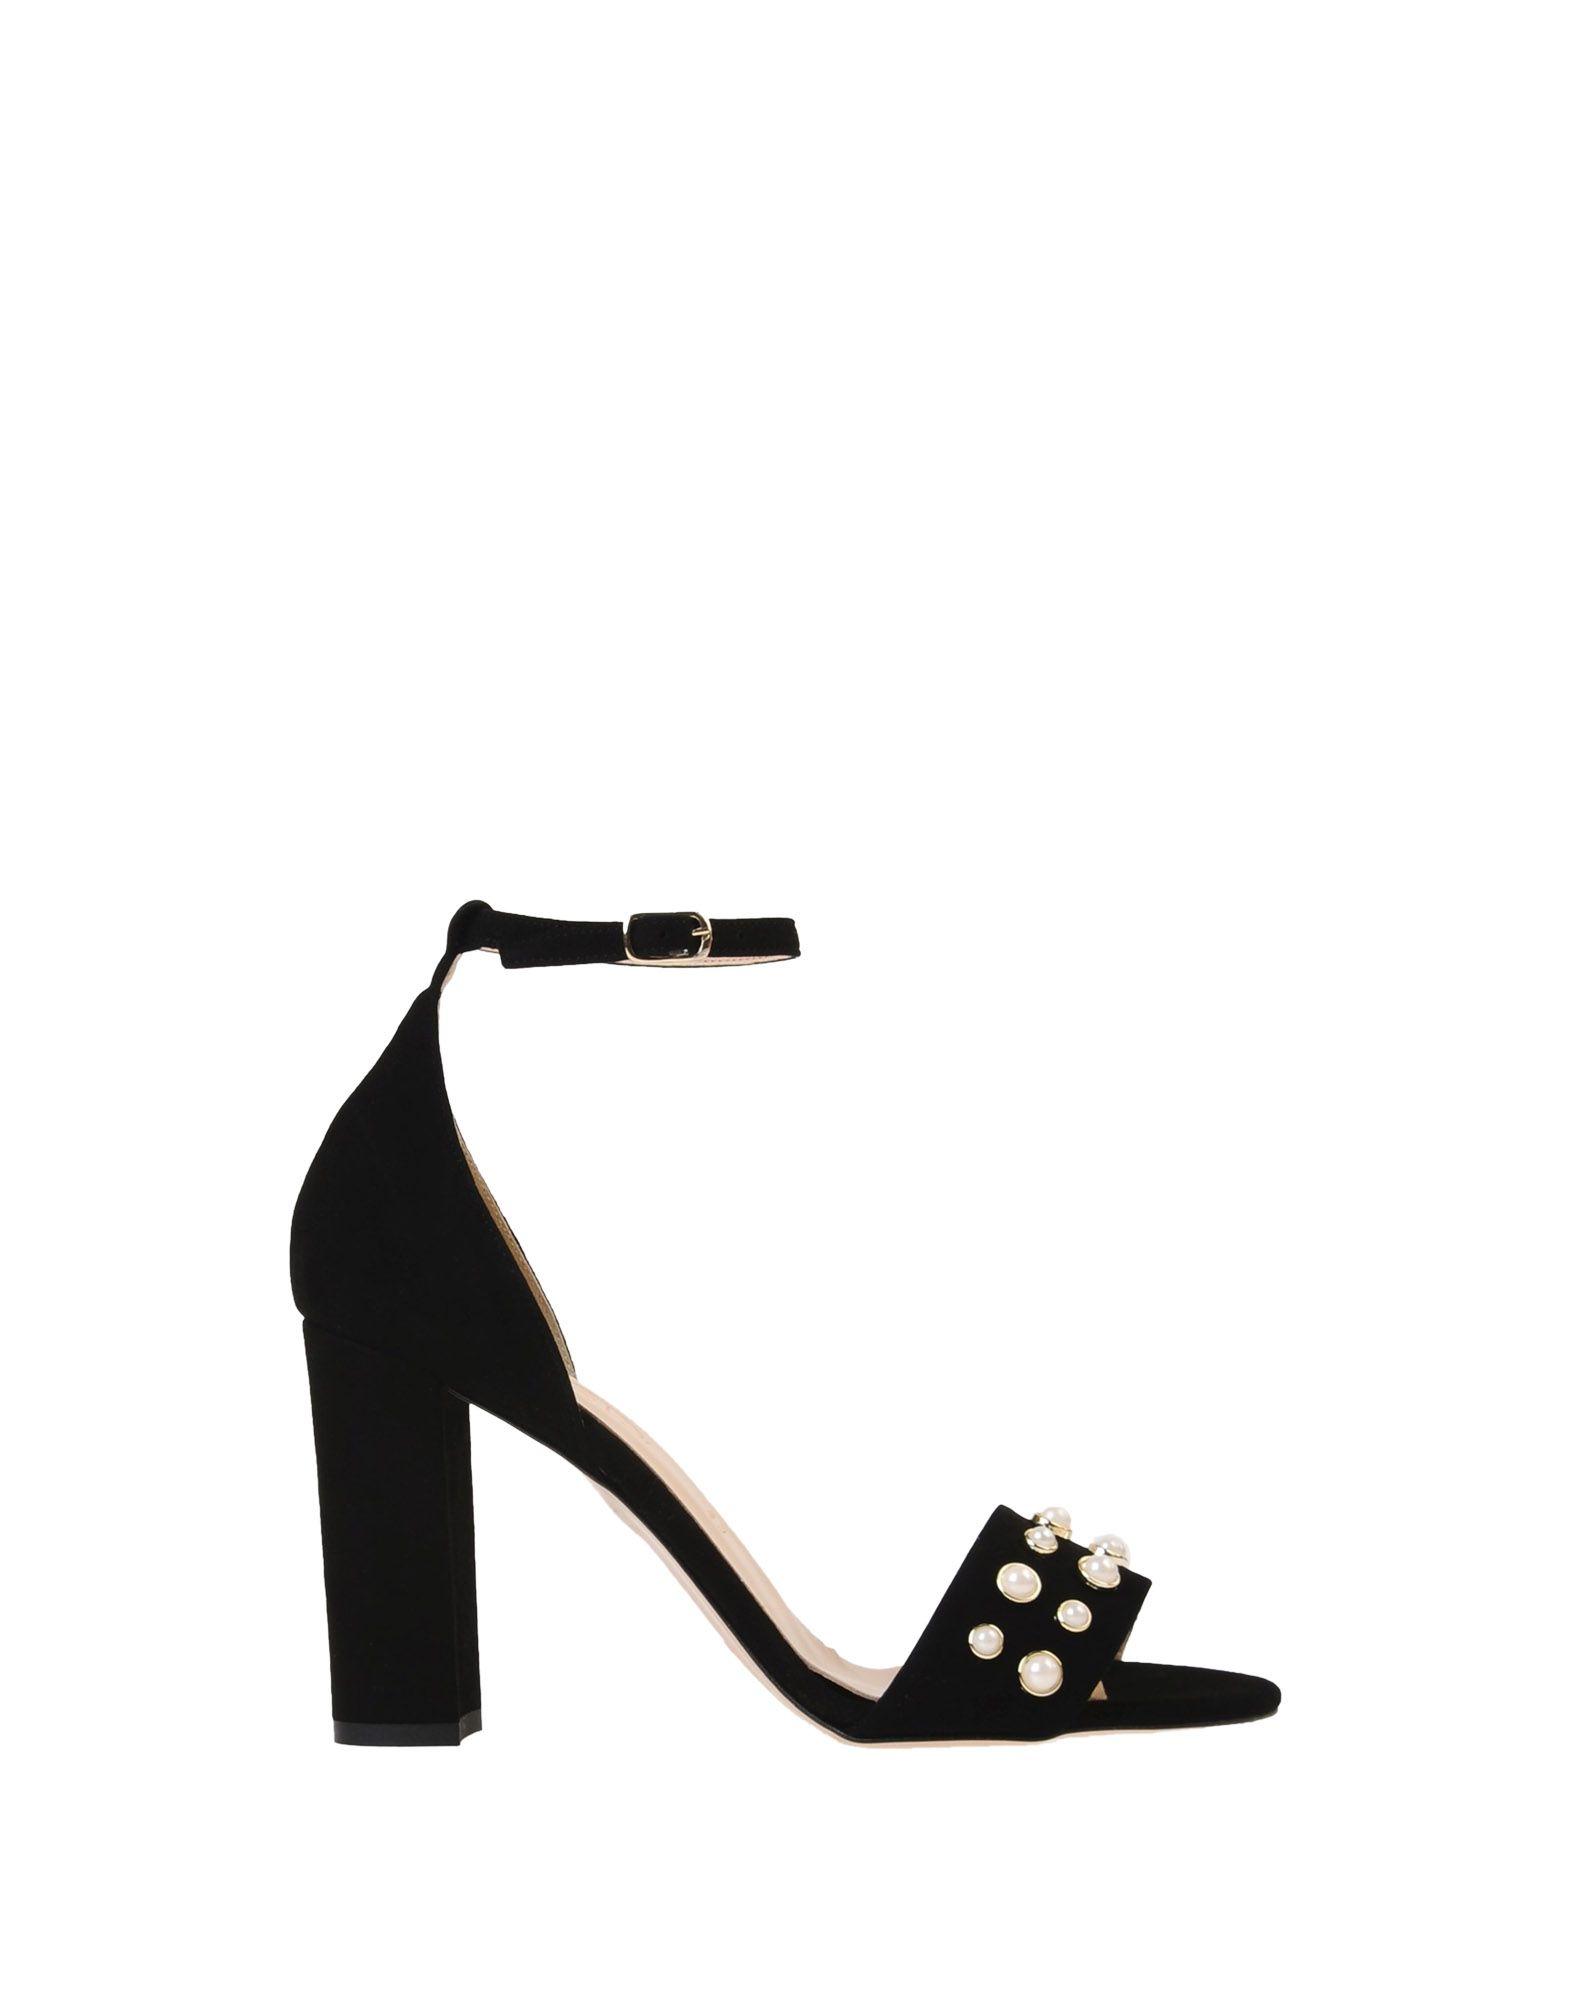 Bianca Di Sandalen Damen  beliebte 11452749WV Gute Qualität beliebte  Schuhe bde904